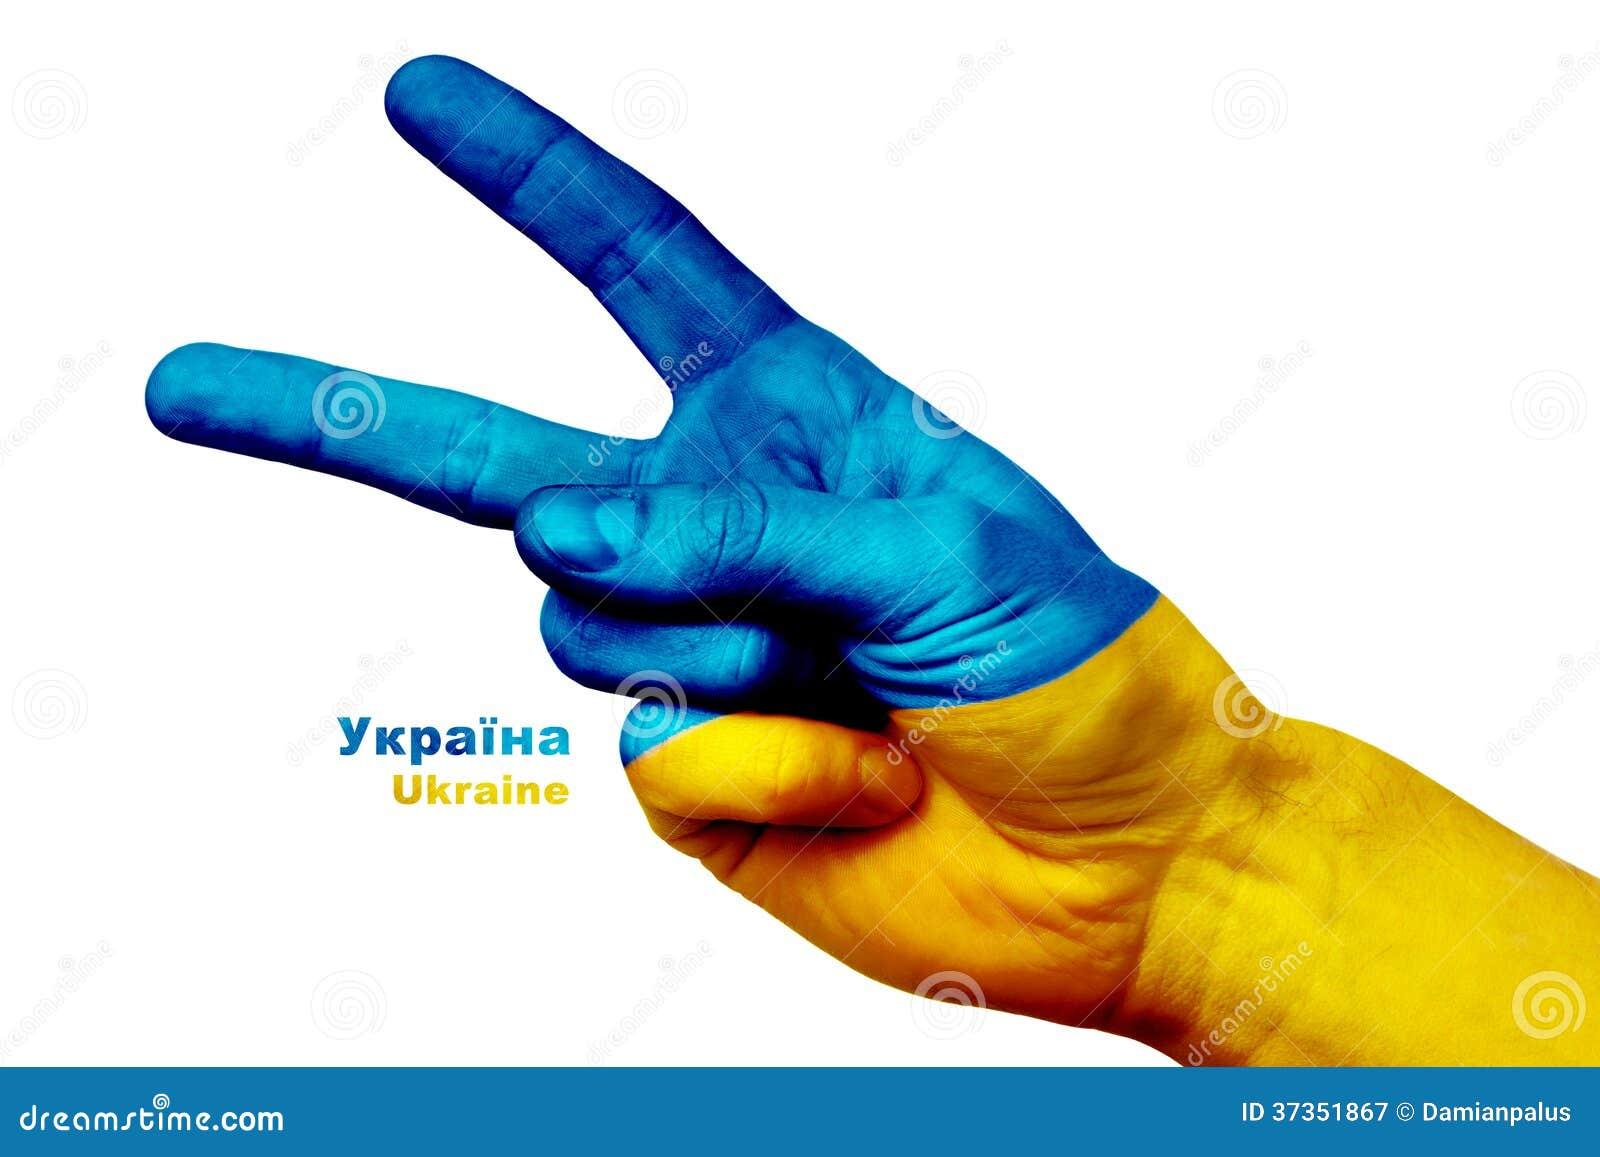 Сборная Украины по футболу в товарищеском матче обыграла албанцев - Цензор.НЕТ 8996